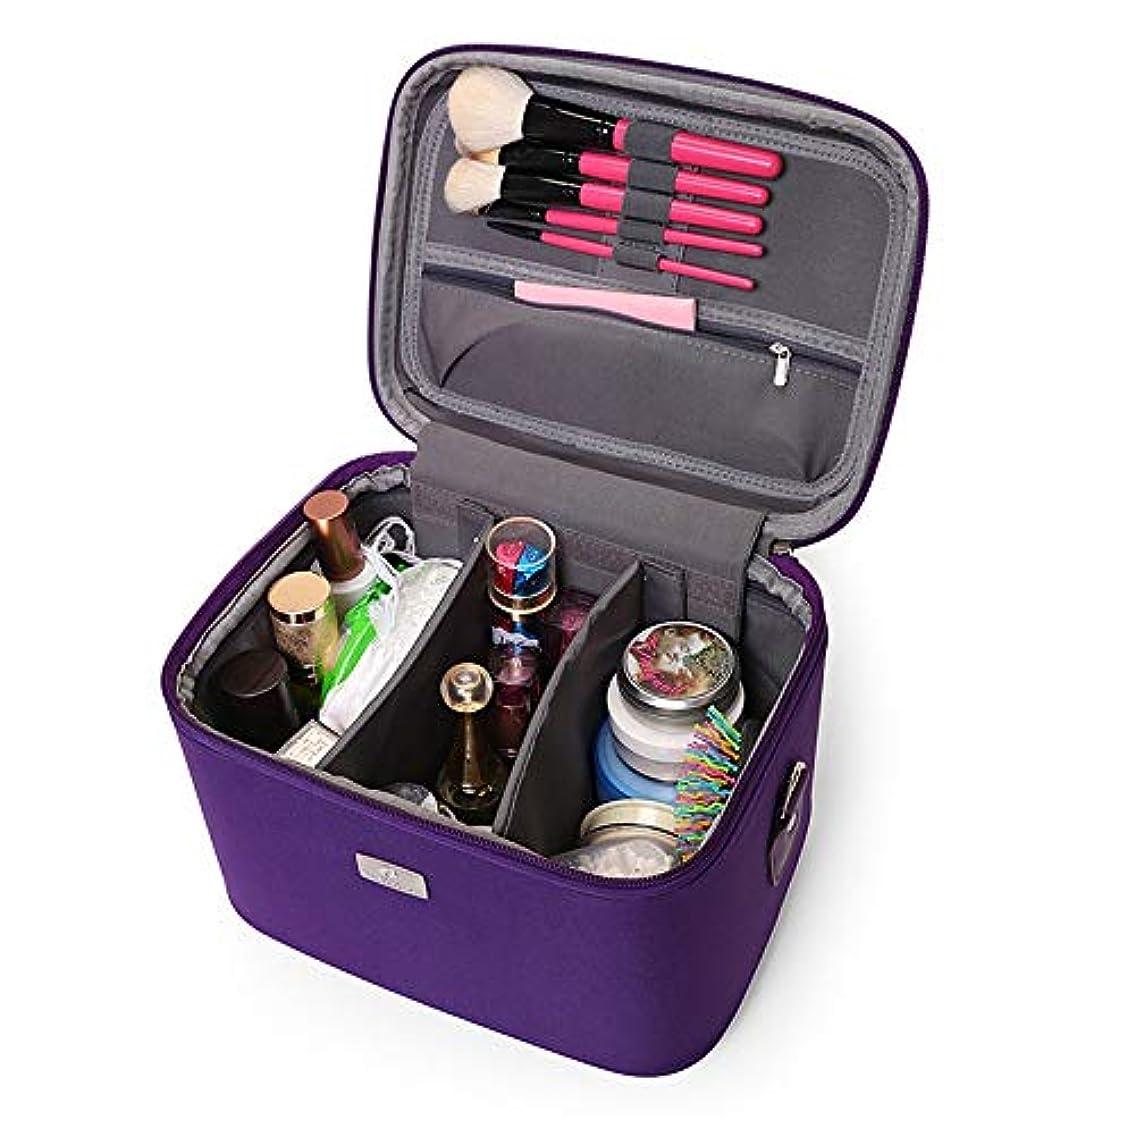 罹患率自分自身トムオードリース化粧オーガナイザーバッグ 14インチのメイクアップトラベルバッグPUレター防水化粧ケースのティーン女の子の女性アーティスト 化粧品ケース (色 : 紫の)